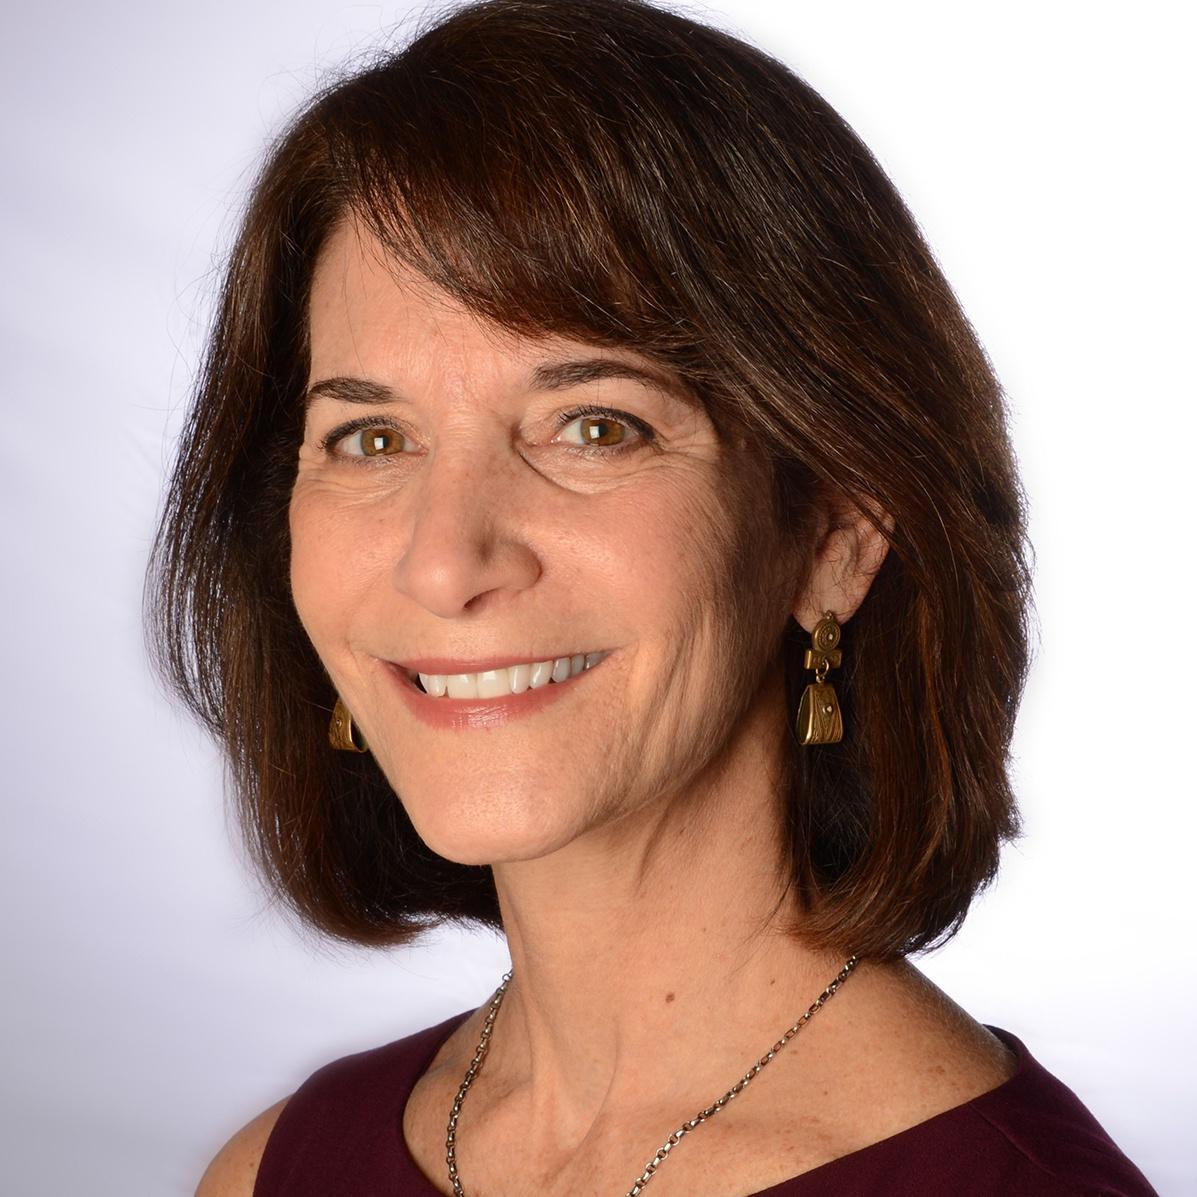 Lisa Sable